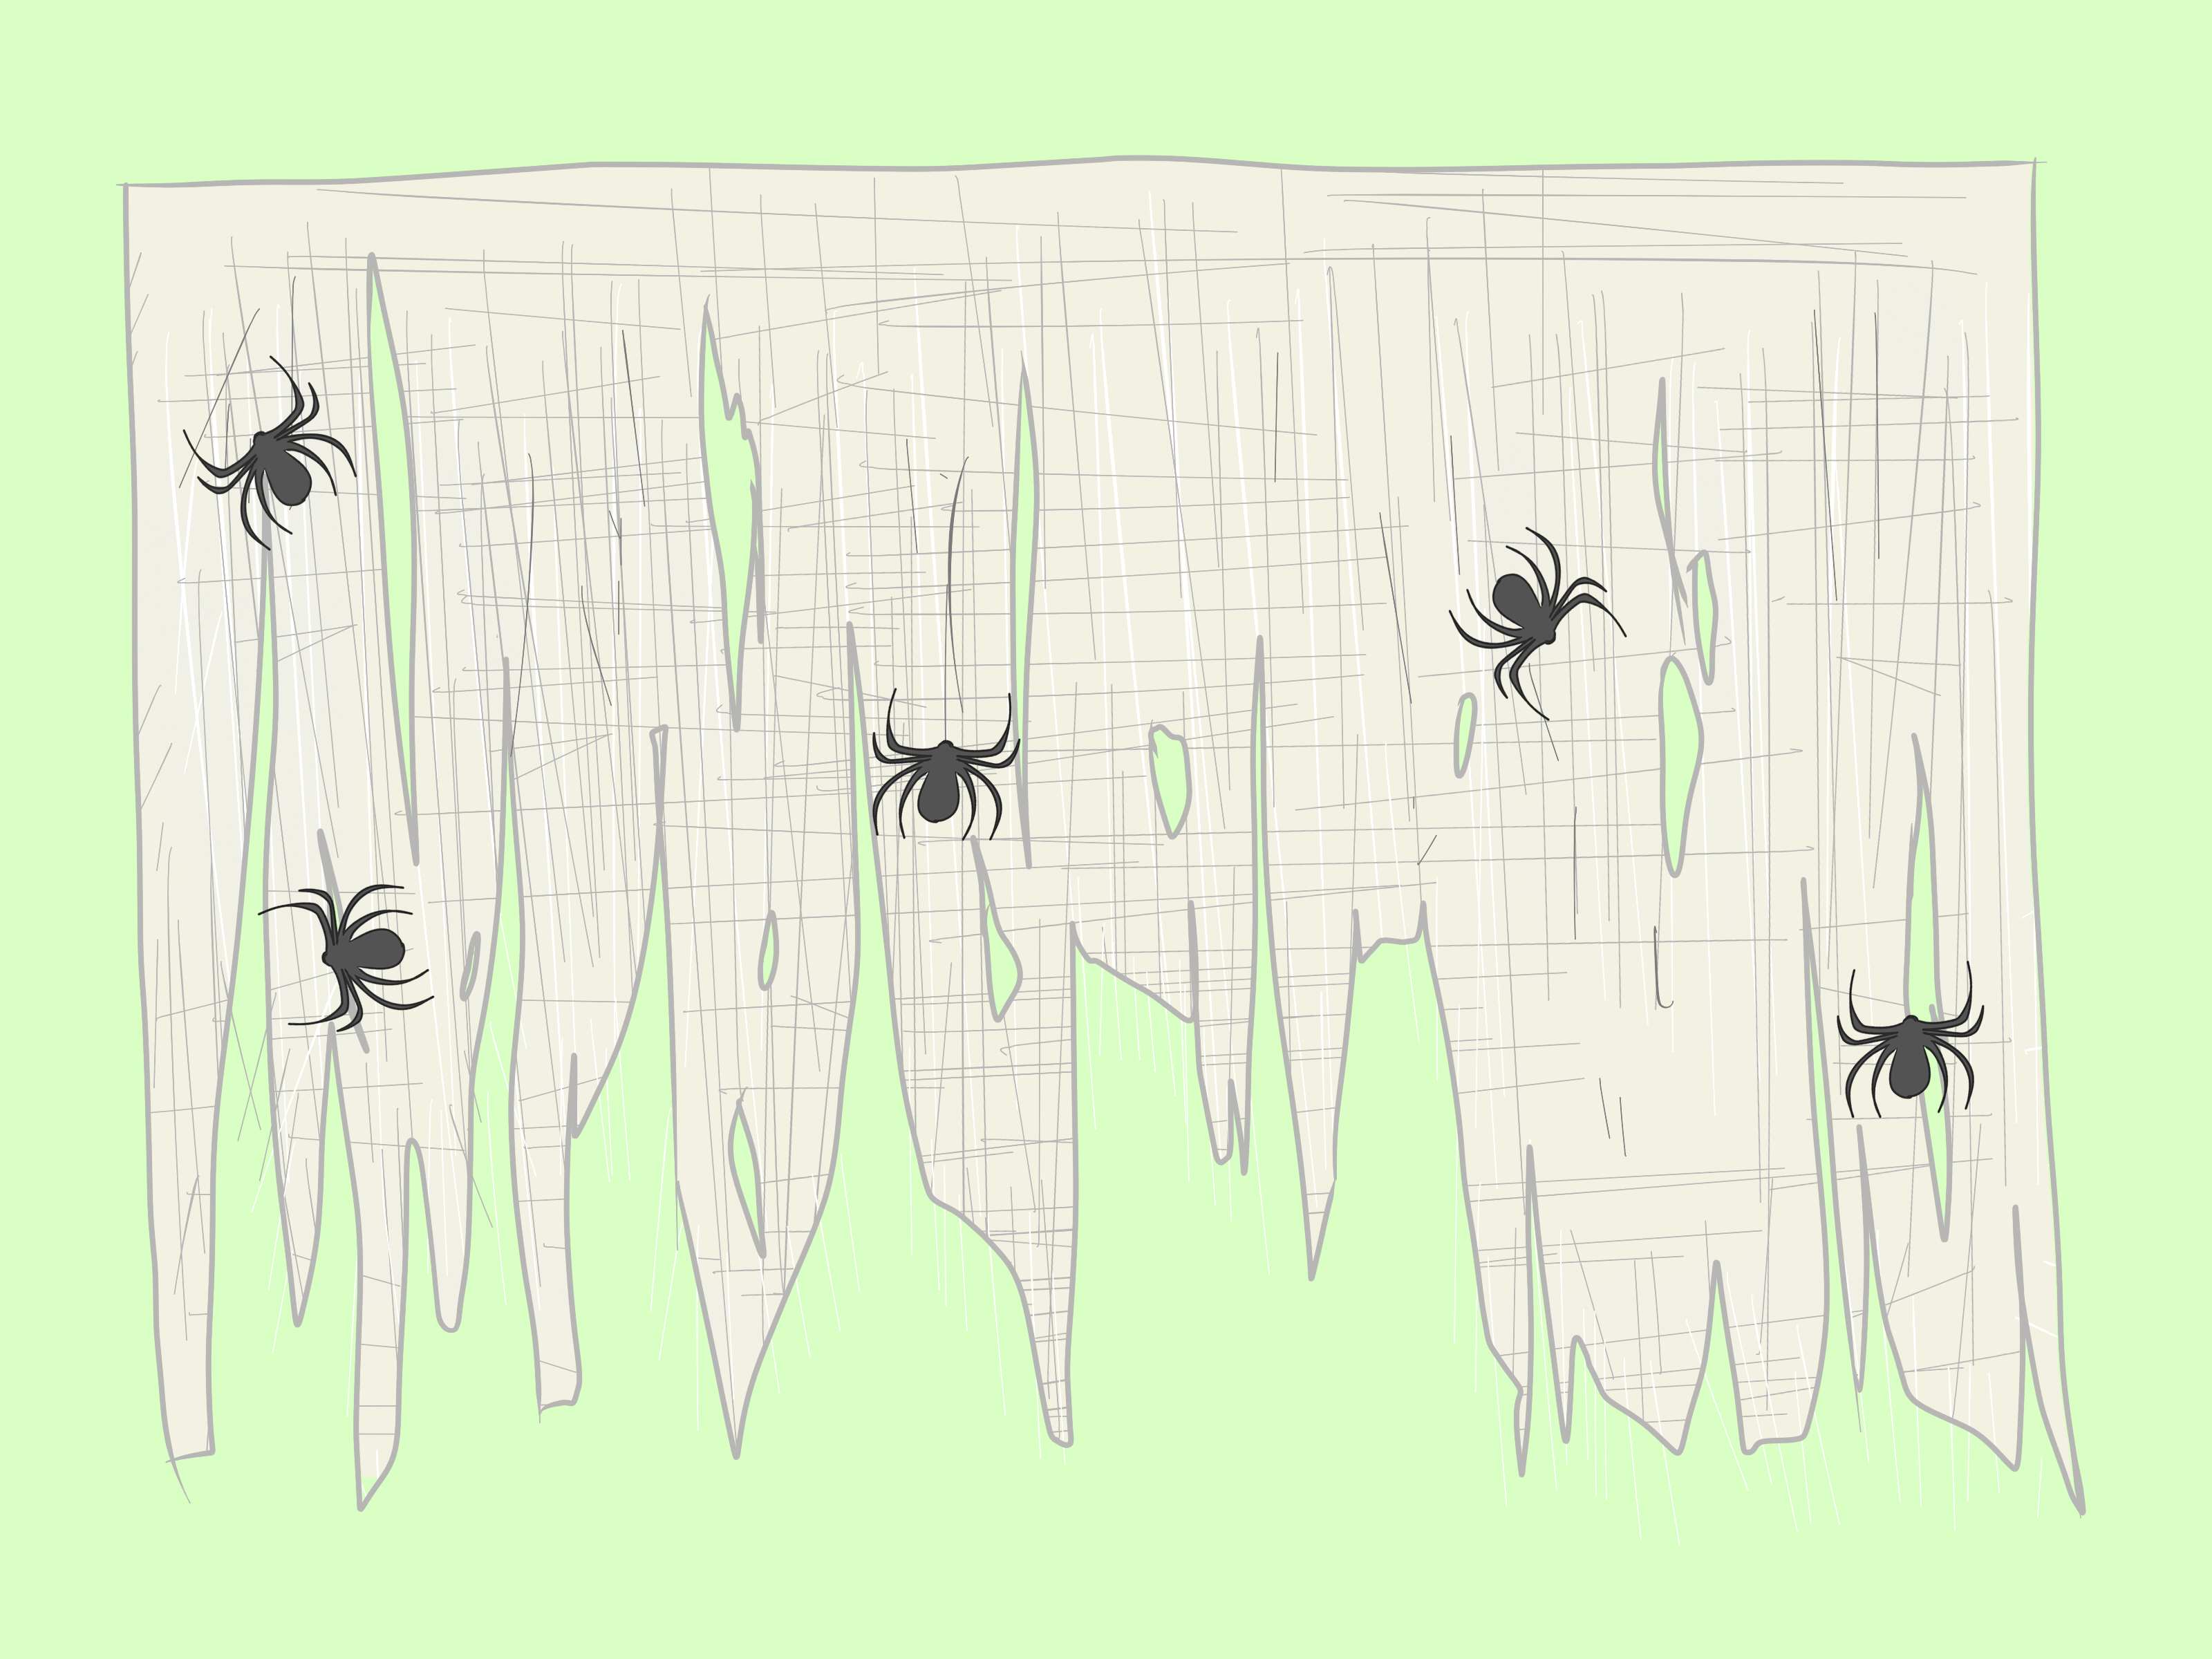 3200x2400 4 Ways To Make A Spider Web